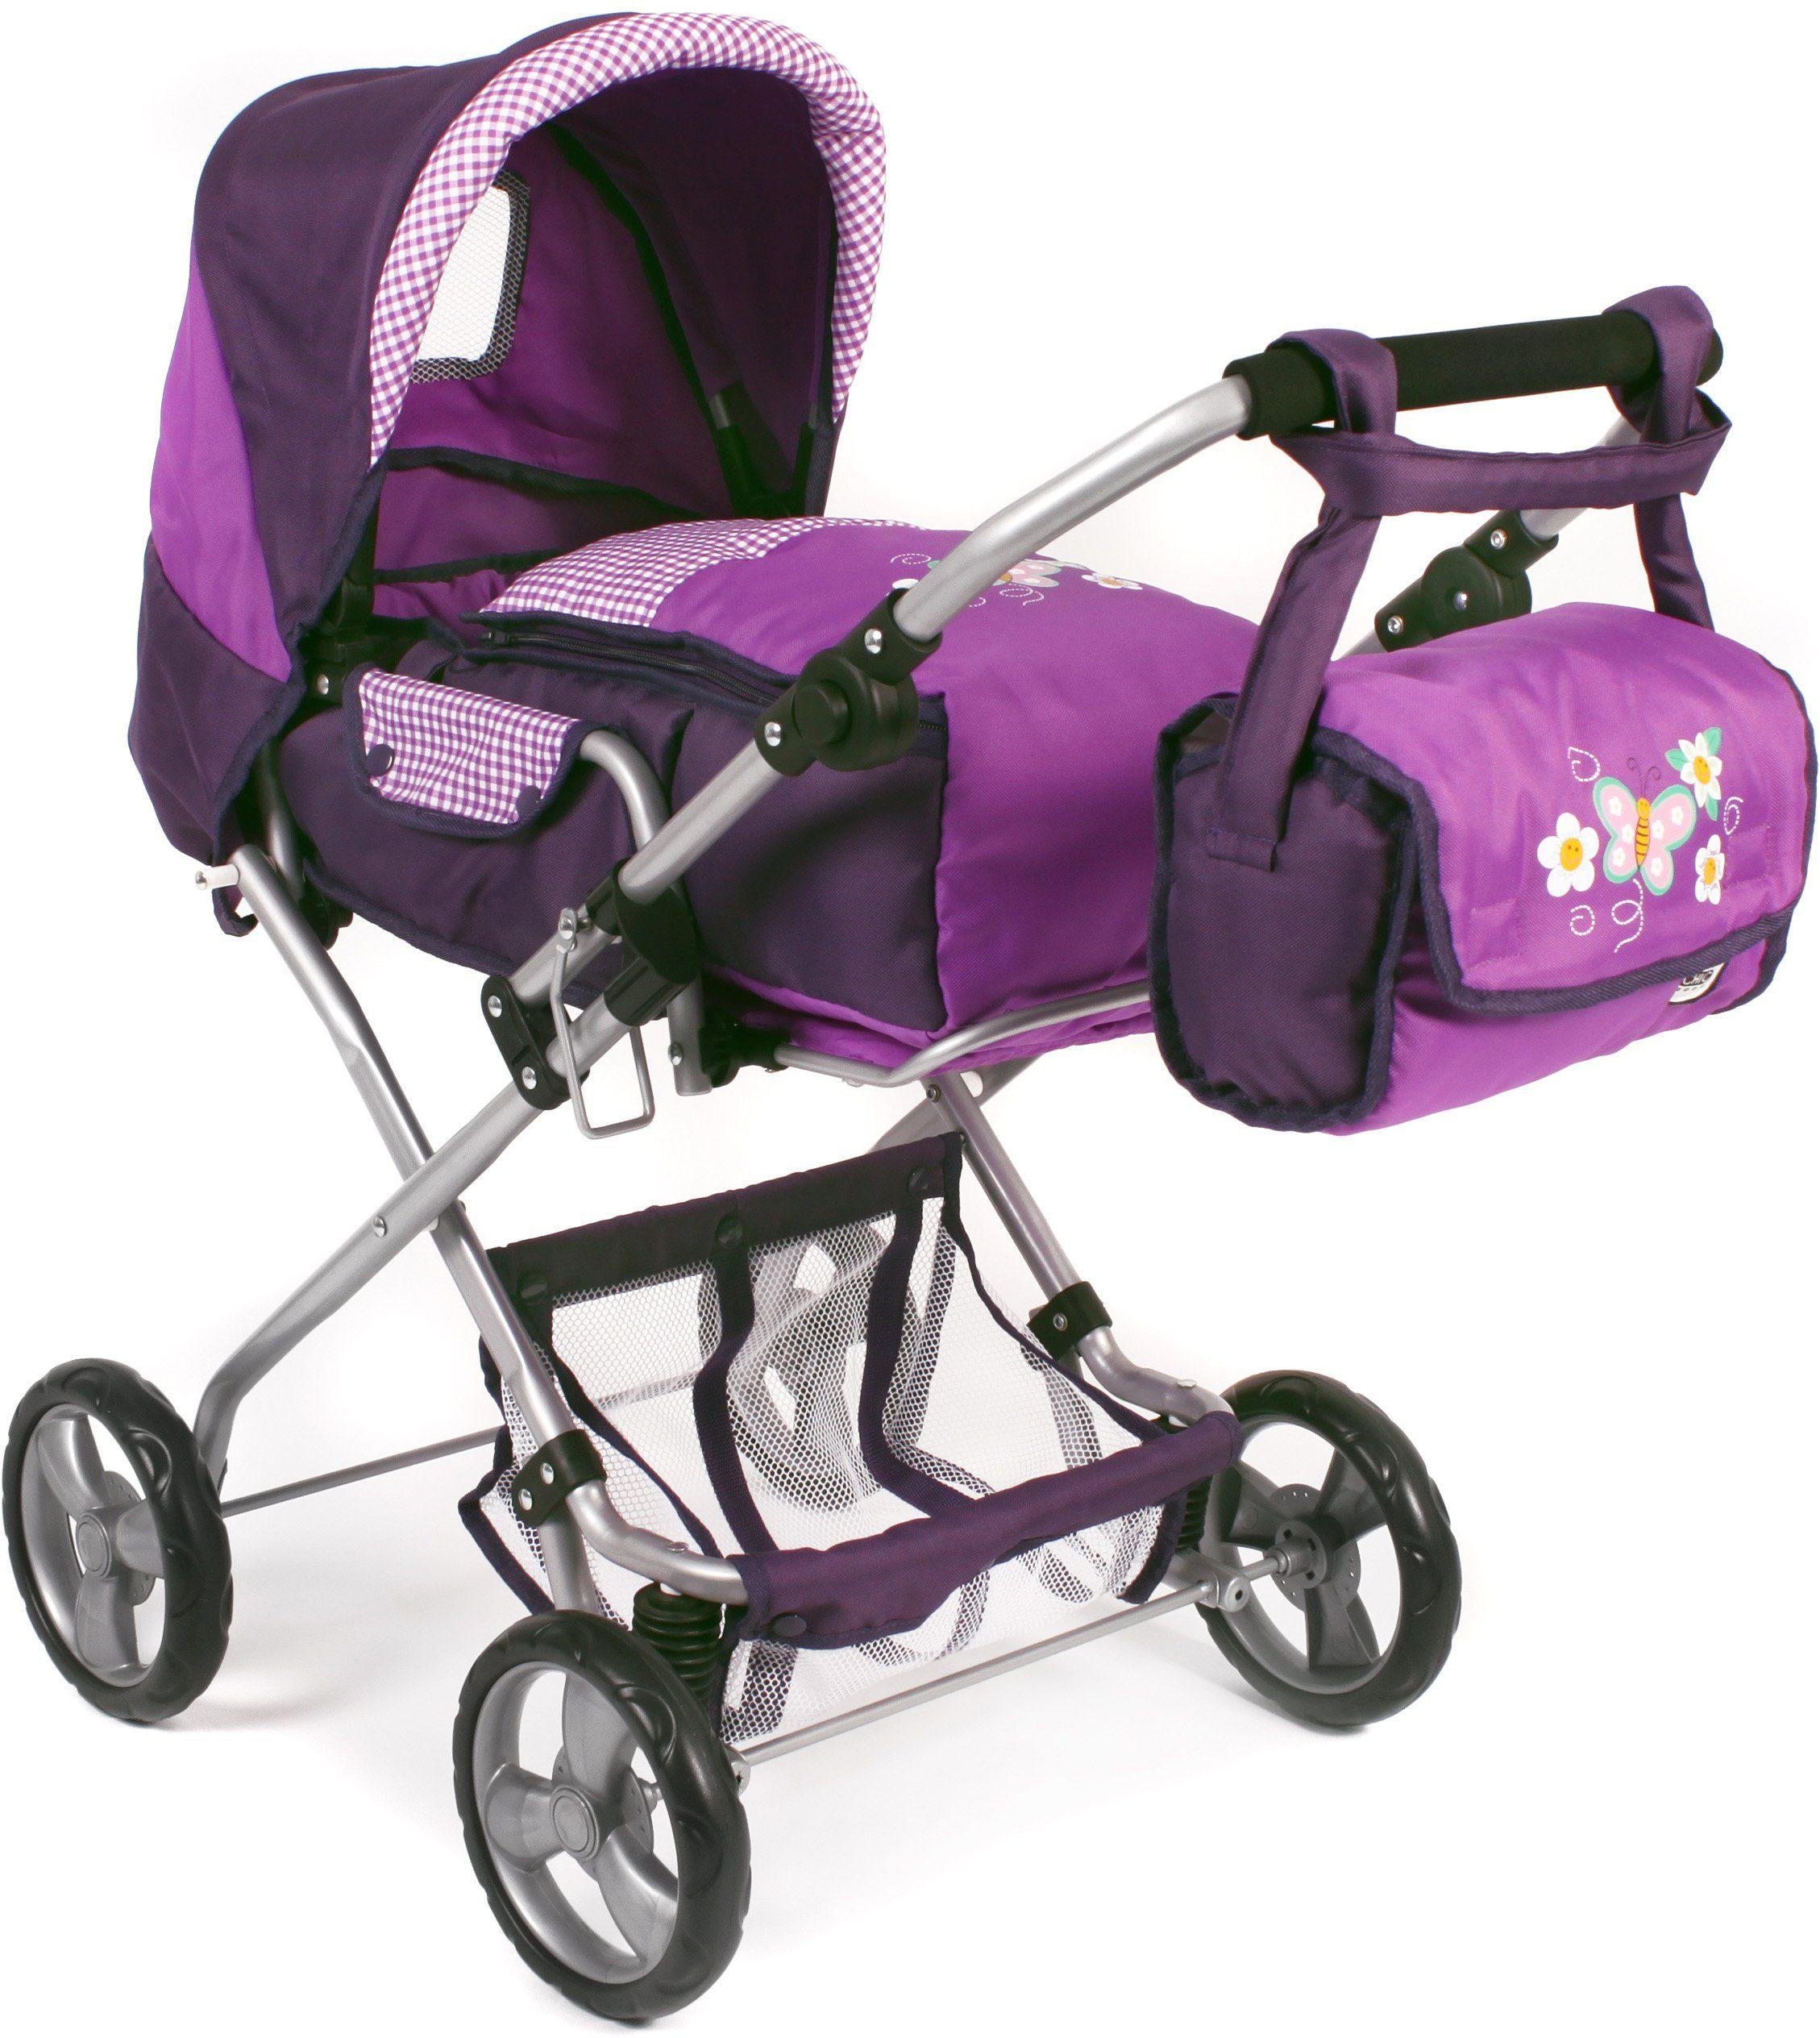 CHIC2000 Kombi Puppenwagen mit herausnehmbarer Tragetasche, »BAMBINA Purple«